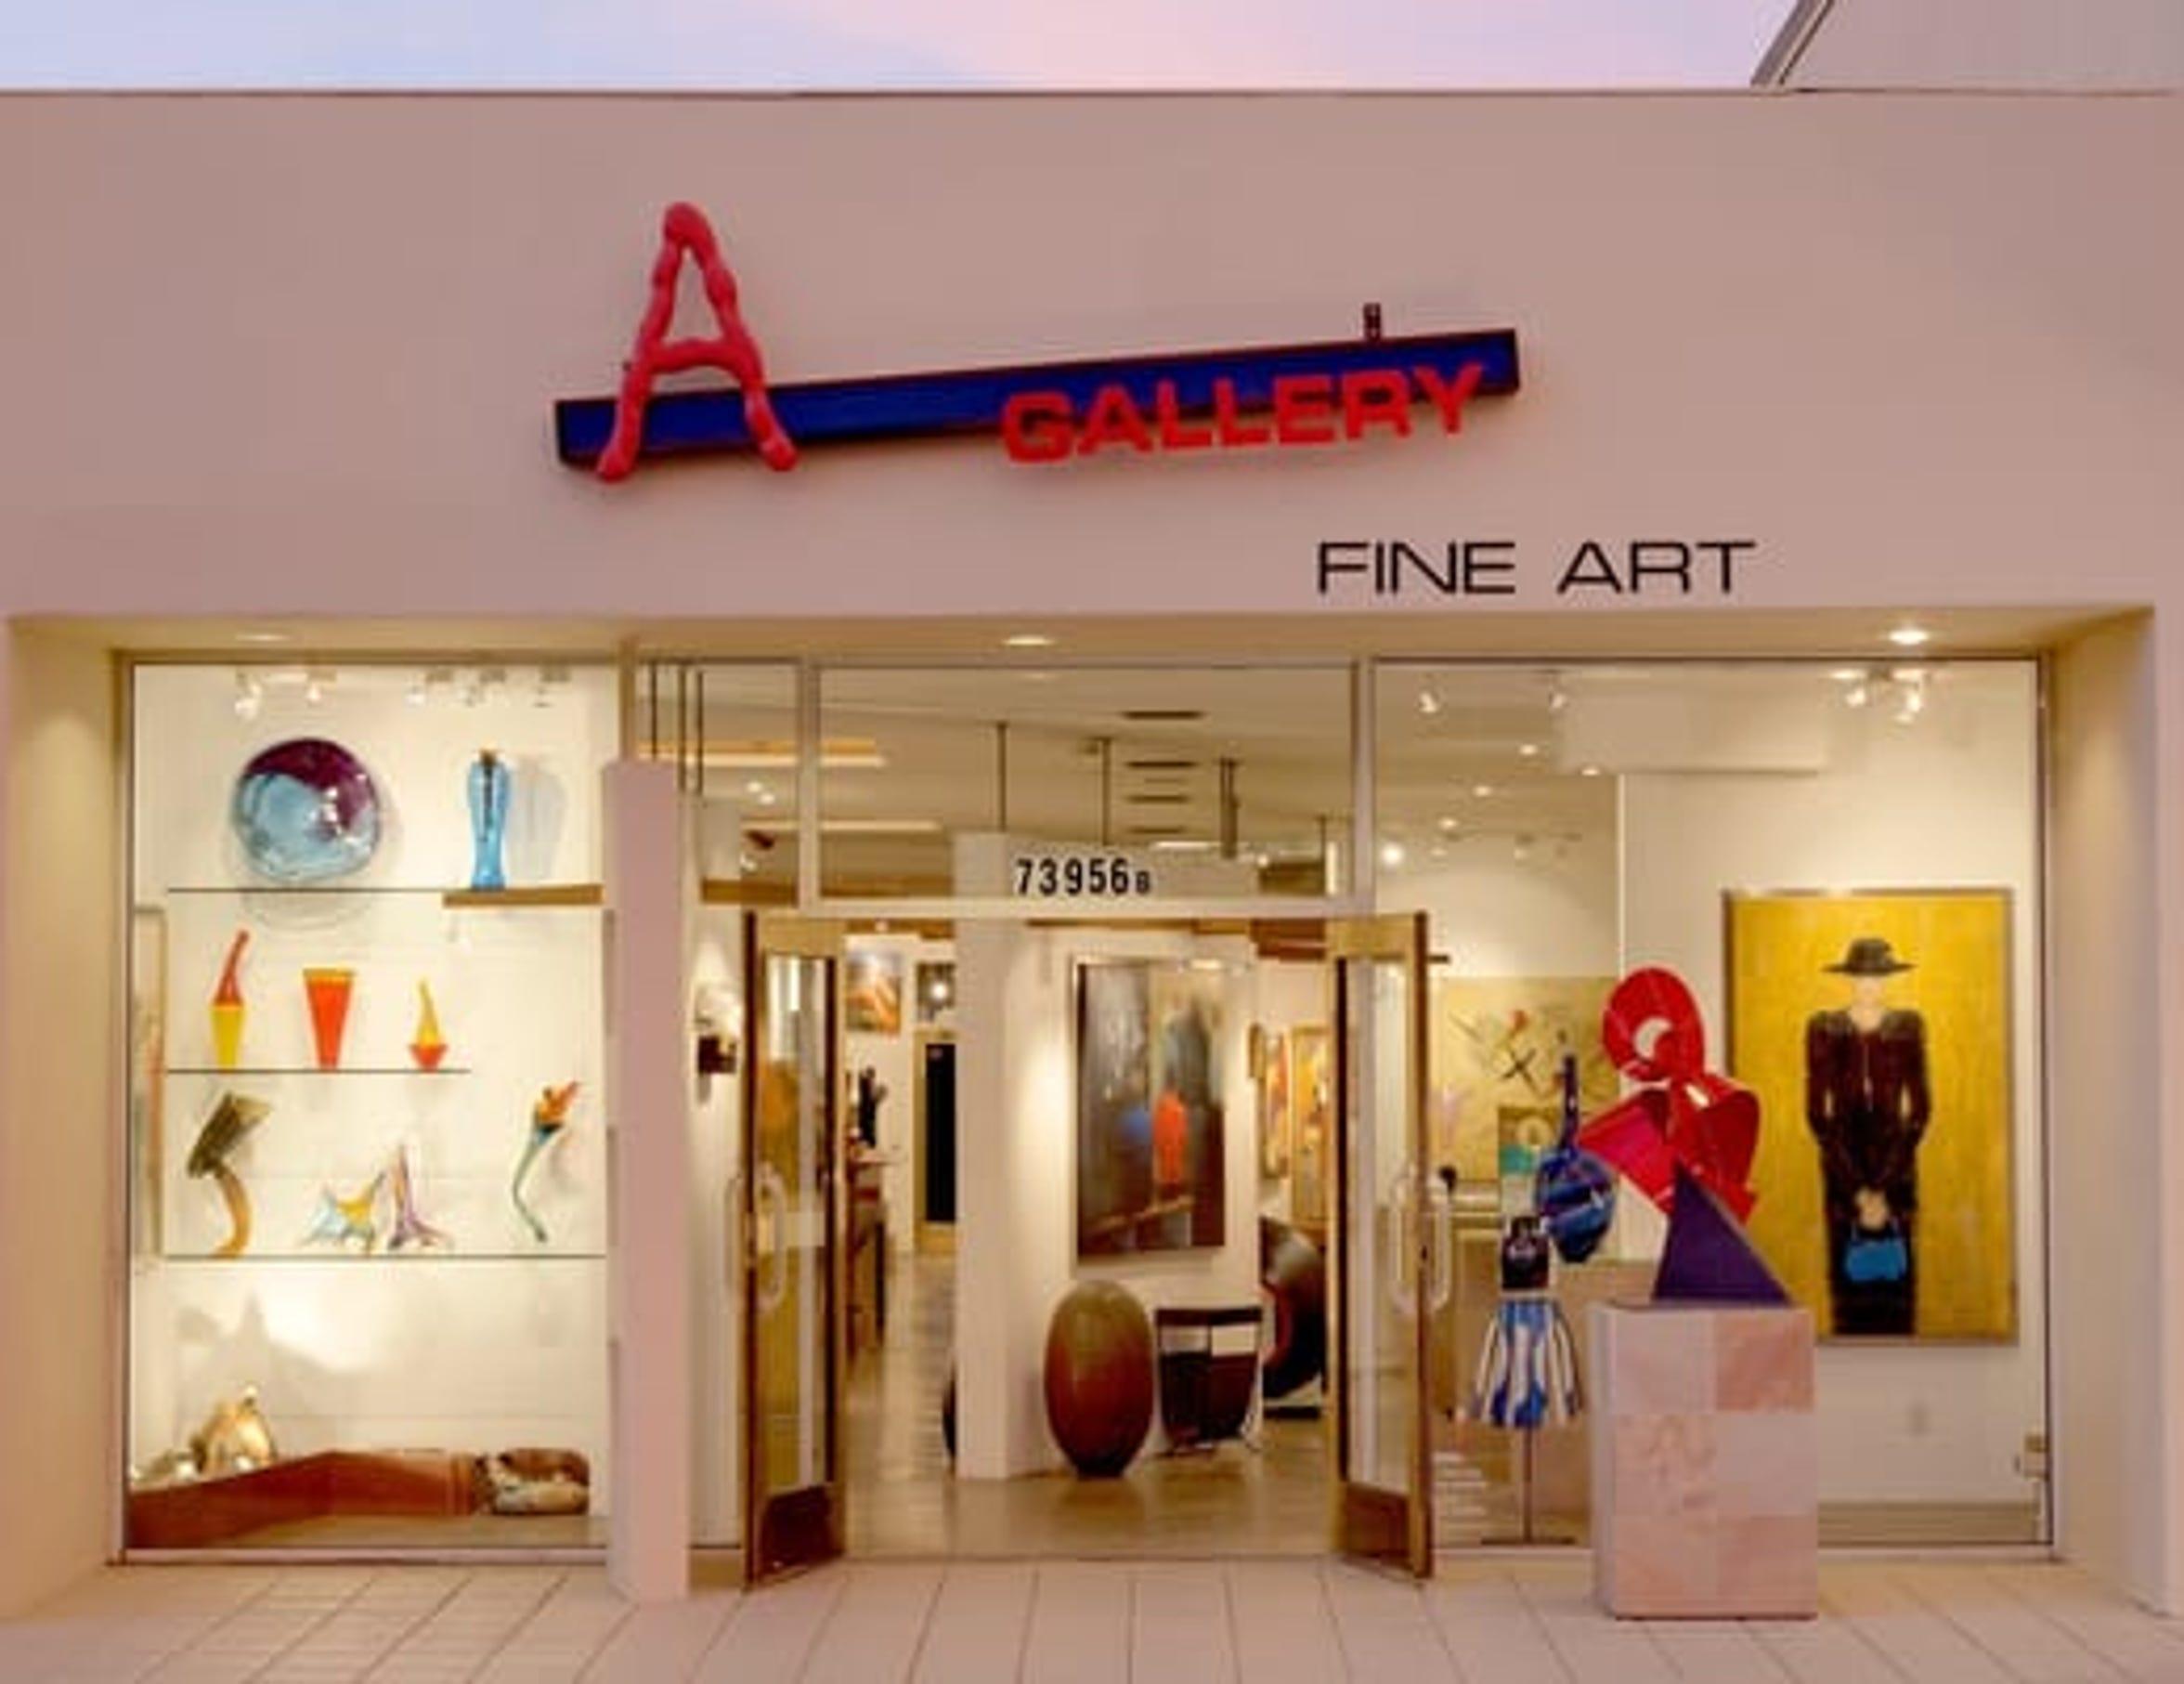 A Gallery Fine Art.